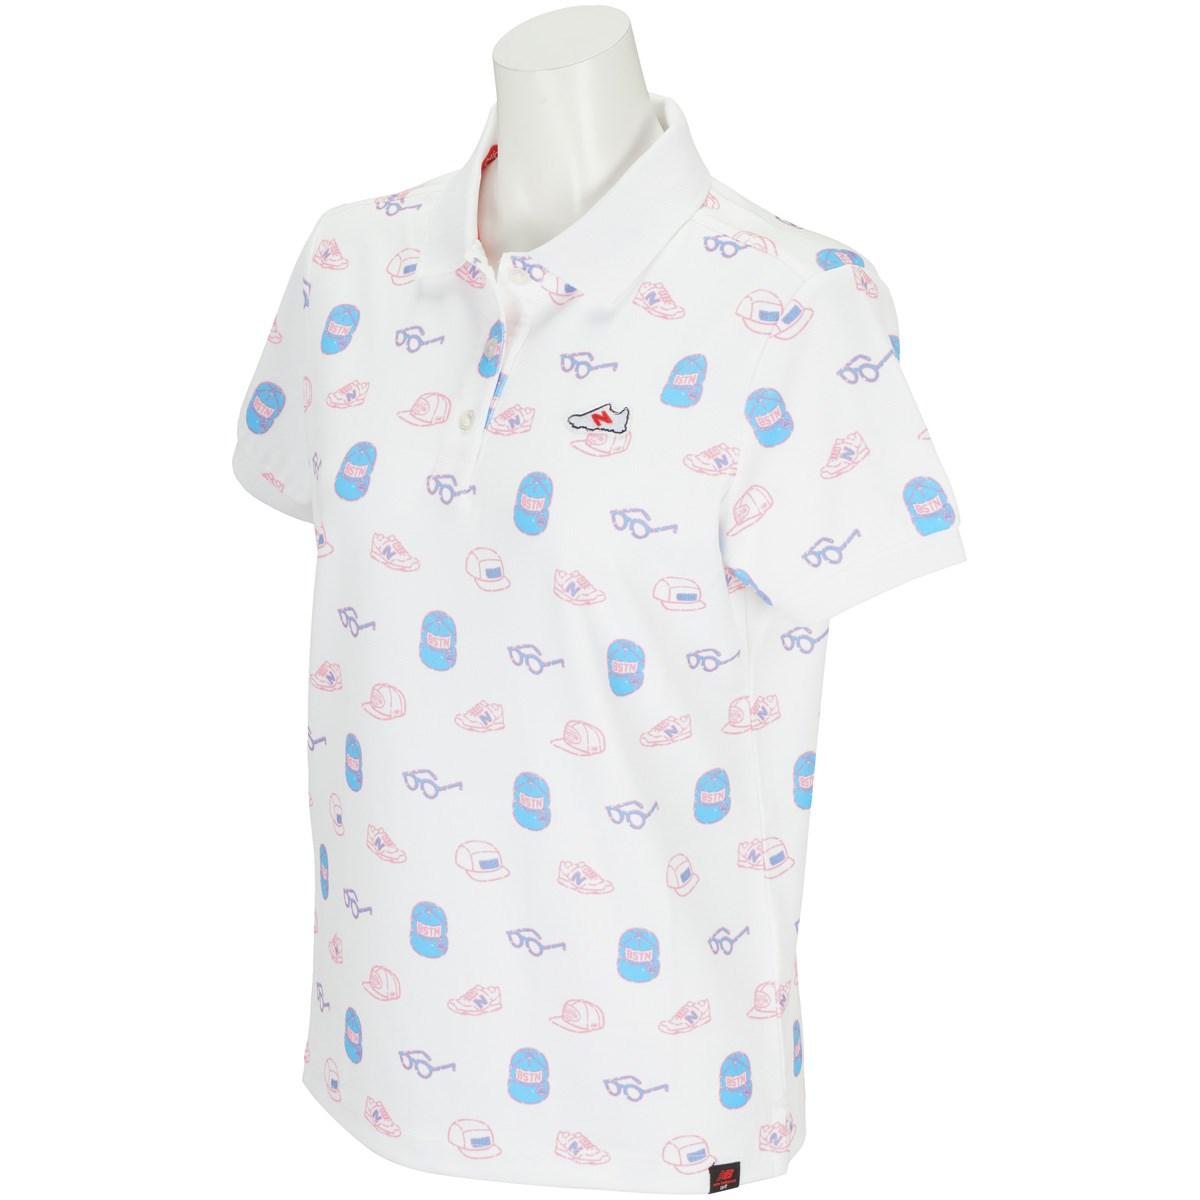 ニューバランス New Balance METRO 変形鹿の子 アイコンモノグラムプリント半袖ポロシャツ 0 ホワイト 030 レディス